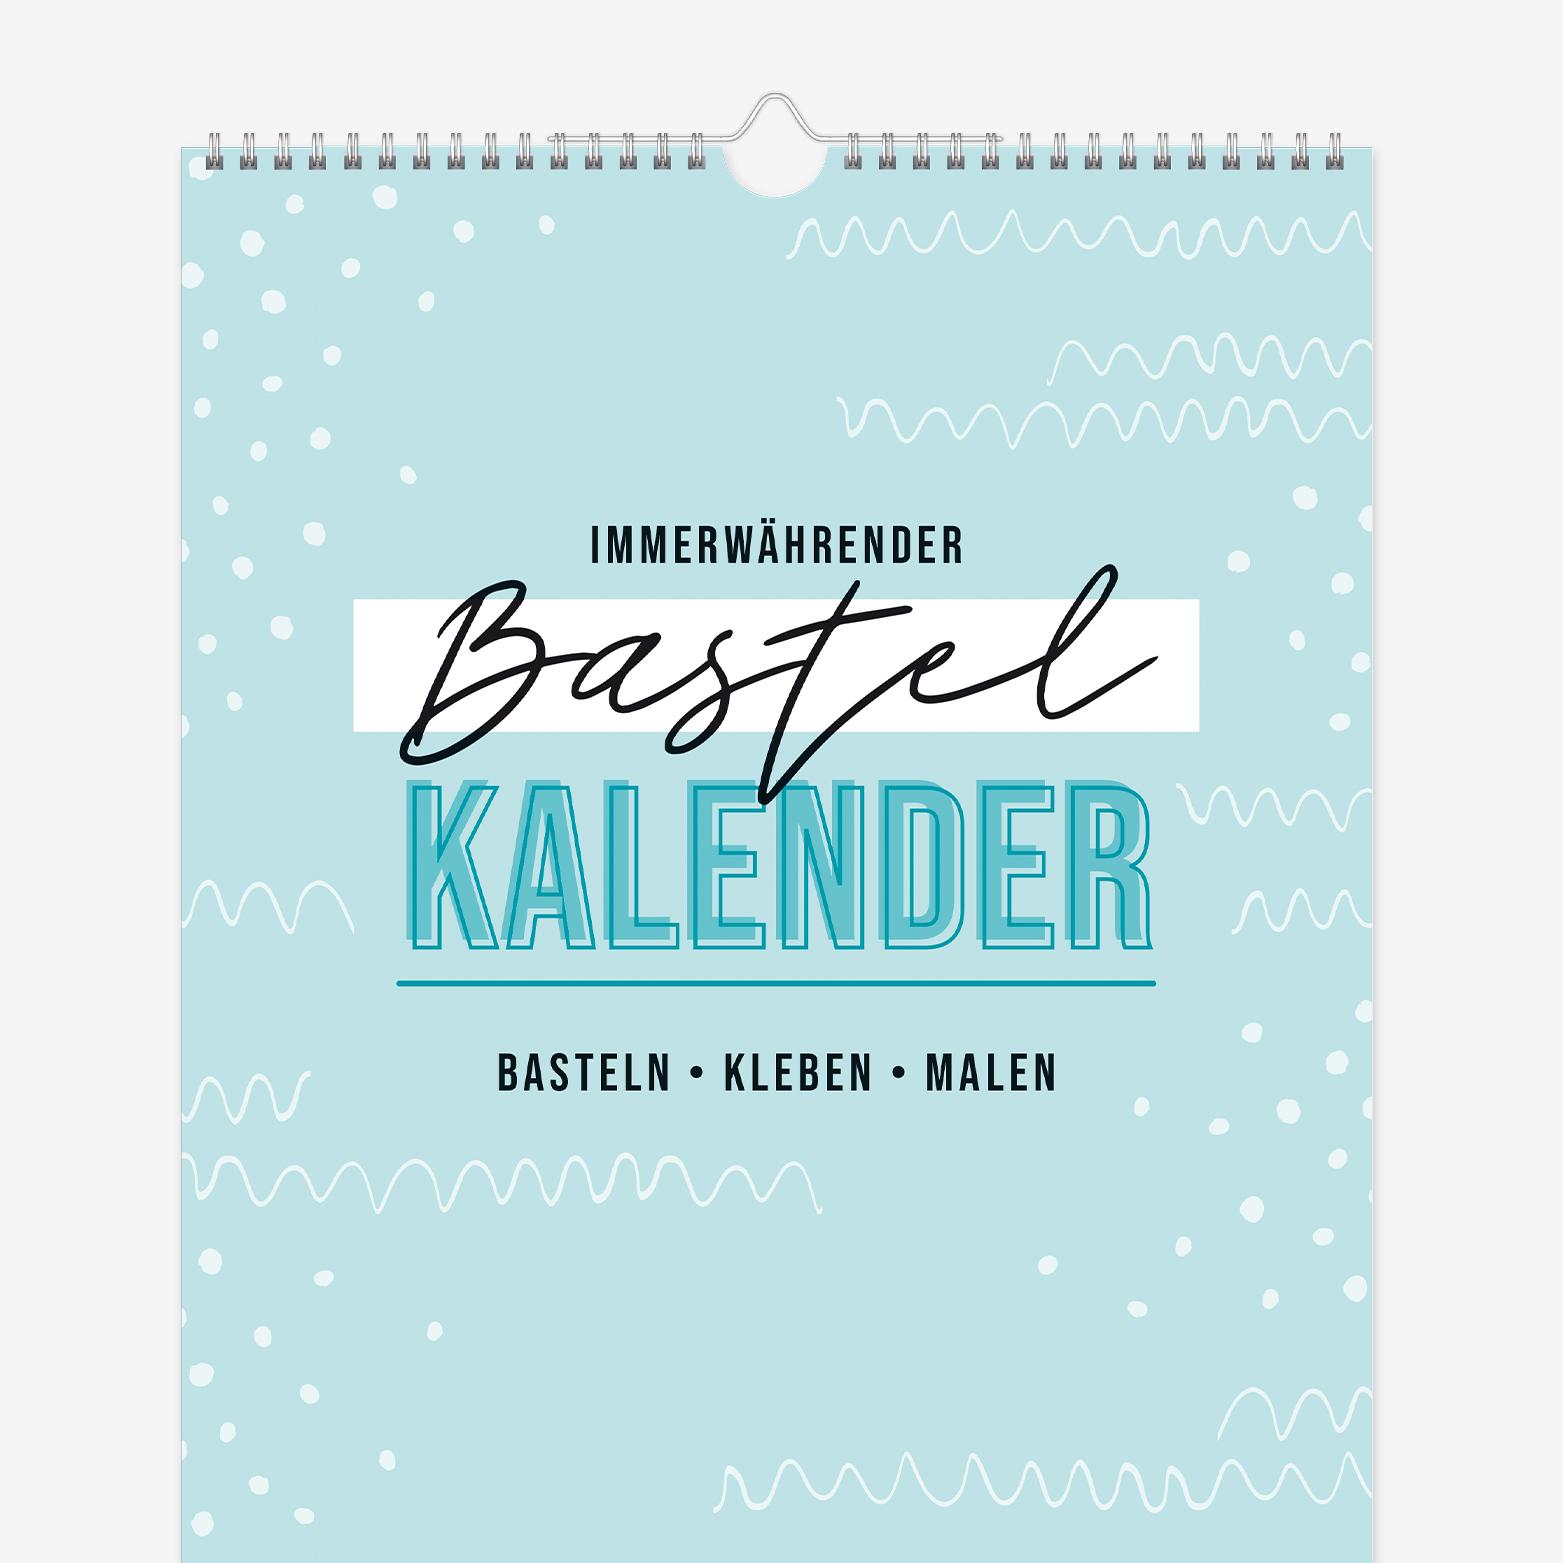 A4 Immerwährender Bastelkalender Trendstuff by Häfft